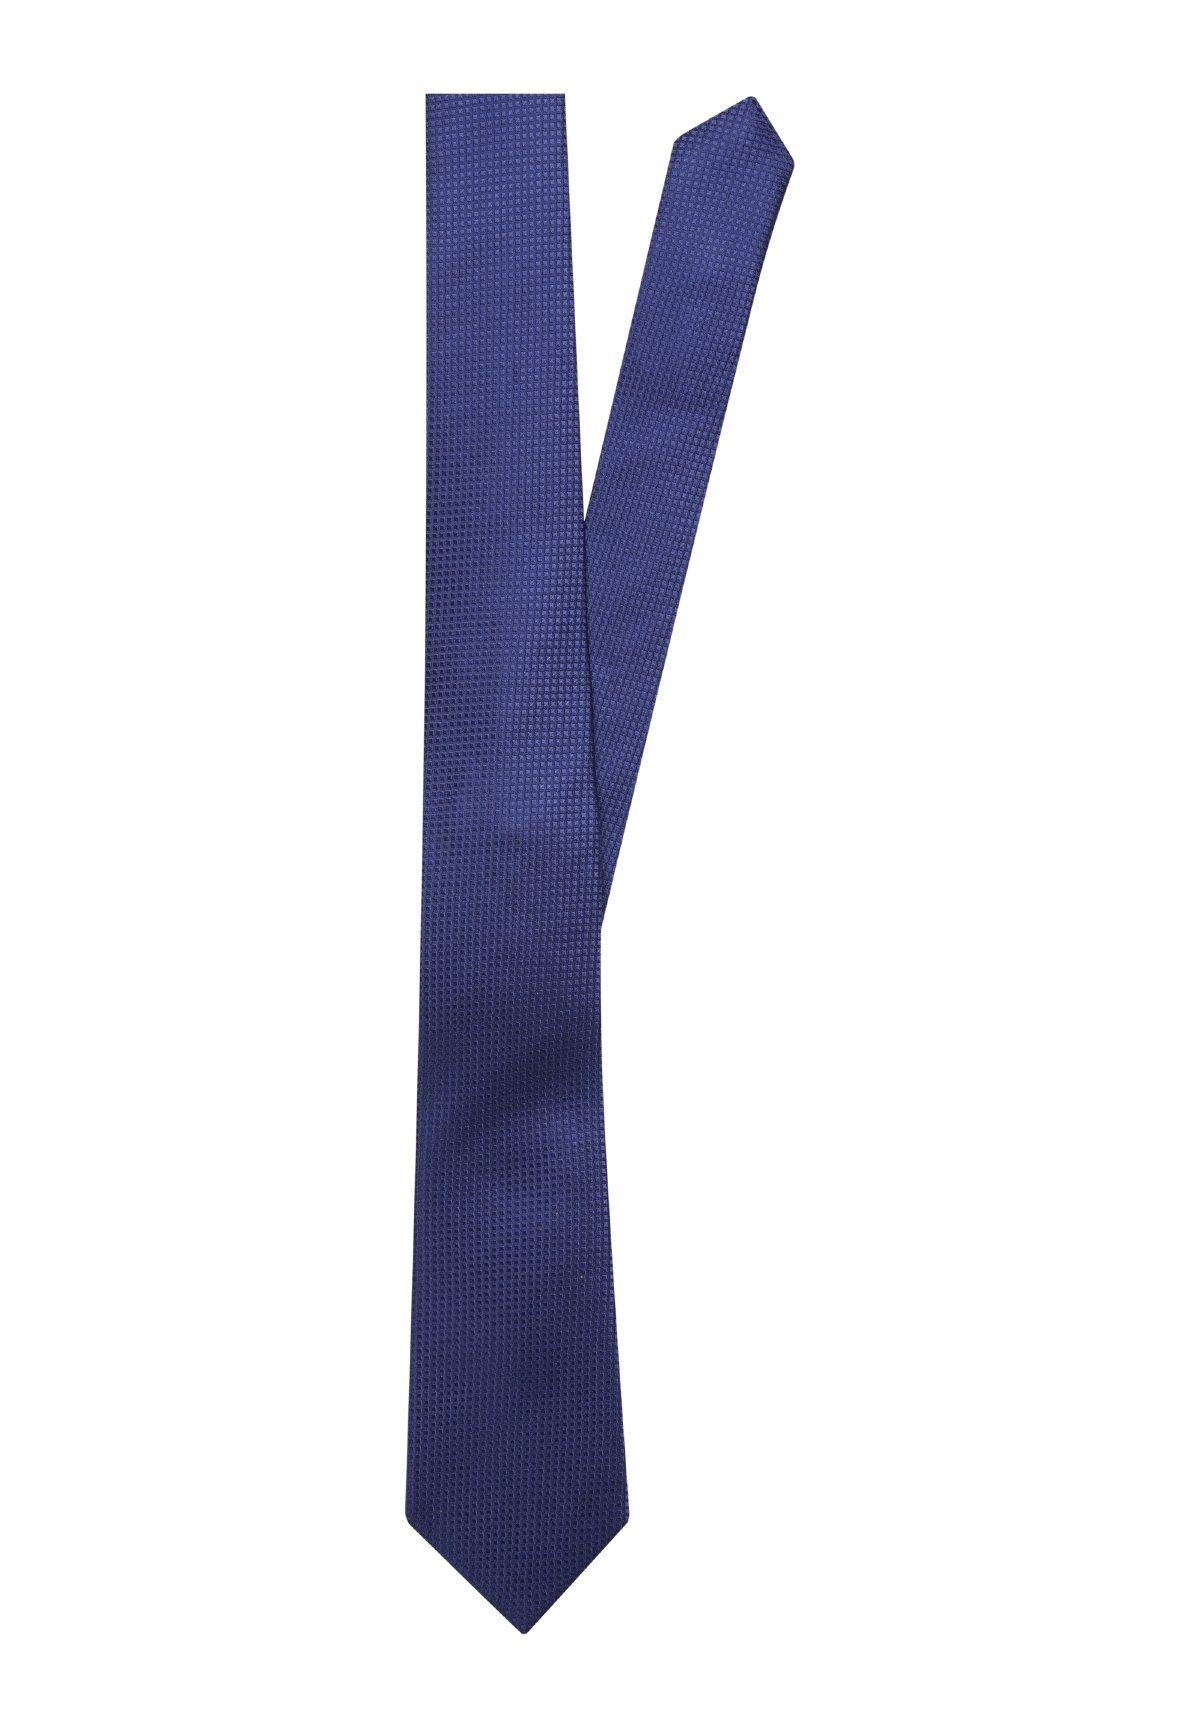 Jacques Britt Krawatte »Custom Fit« | Accessoires > Krawatten > Sonstige Krawatten | Jacques Britt